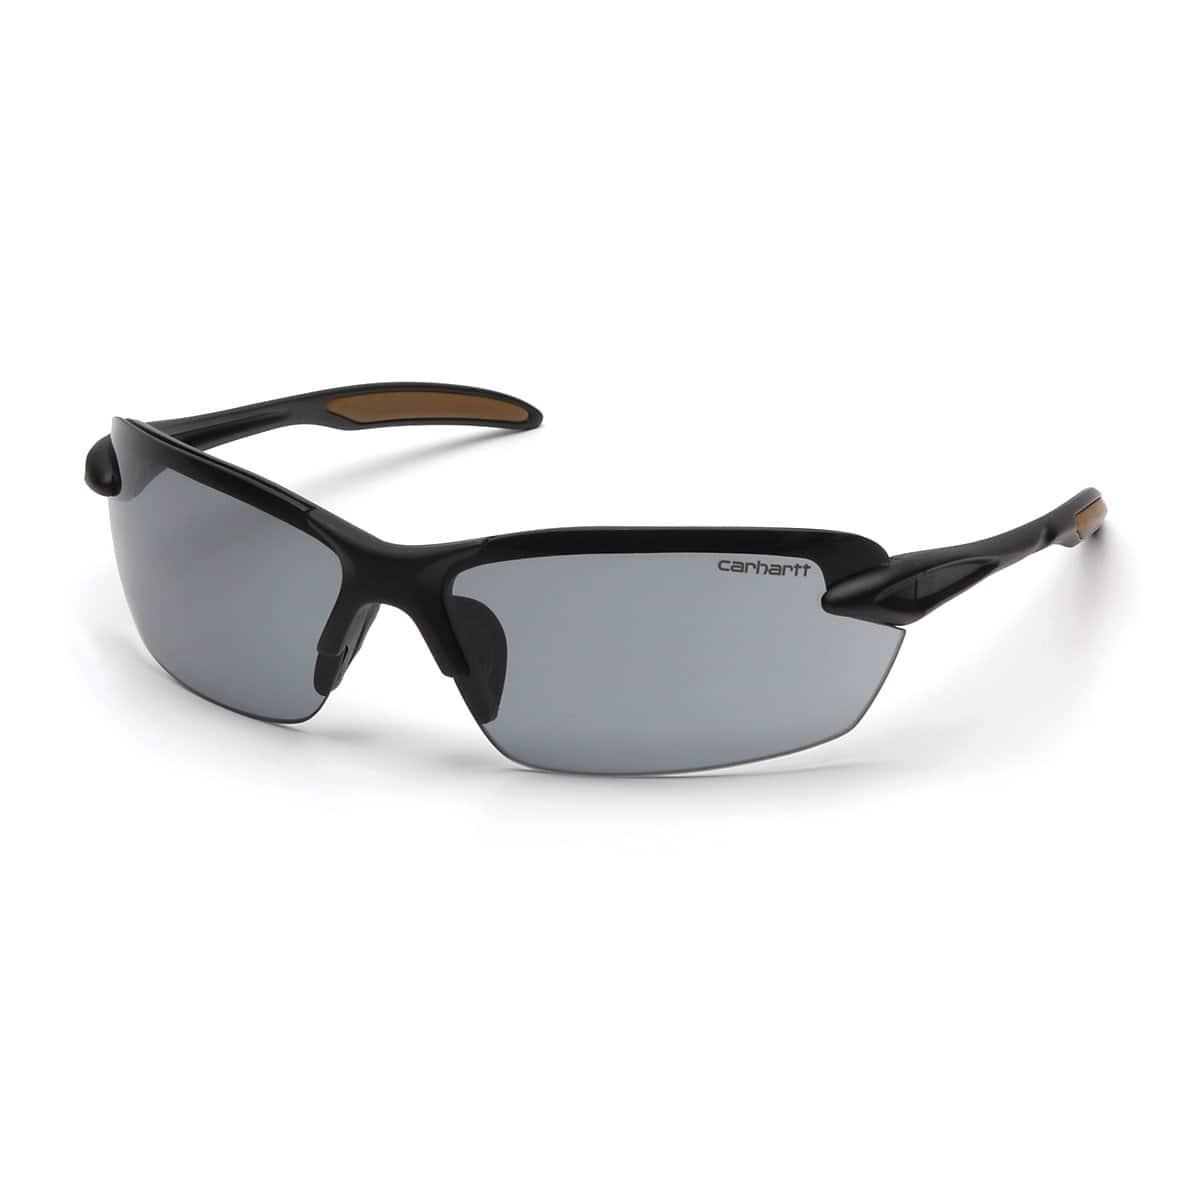 1934717fe9 Unisex Spokane Safety Glasses CHB3